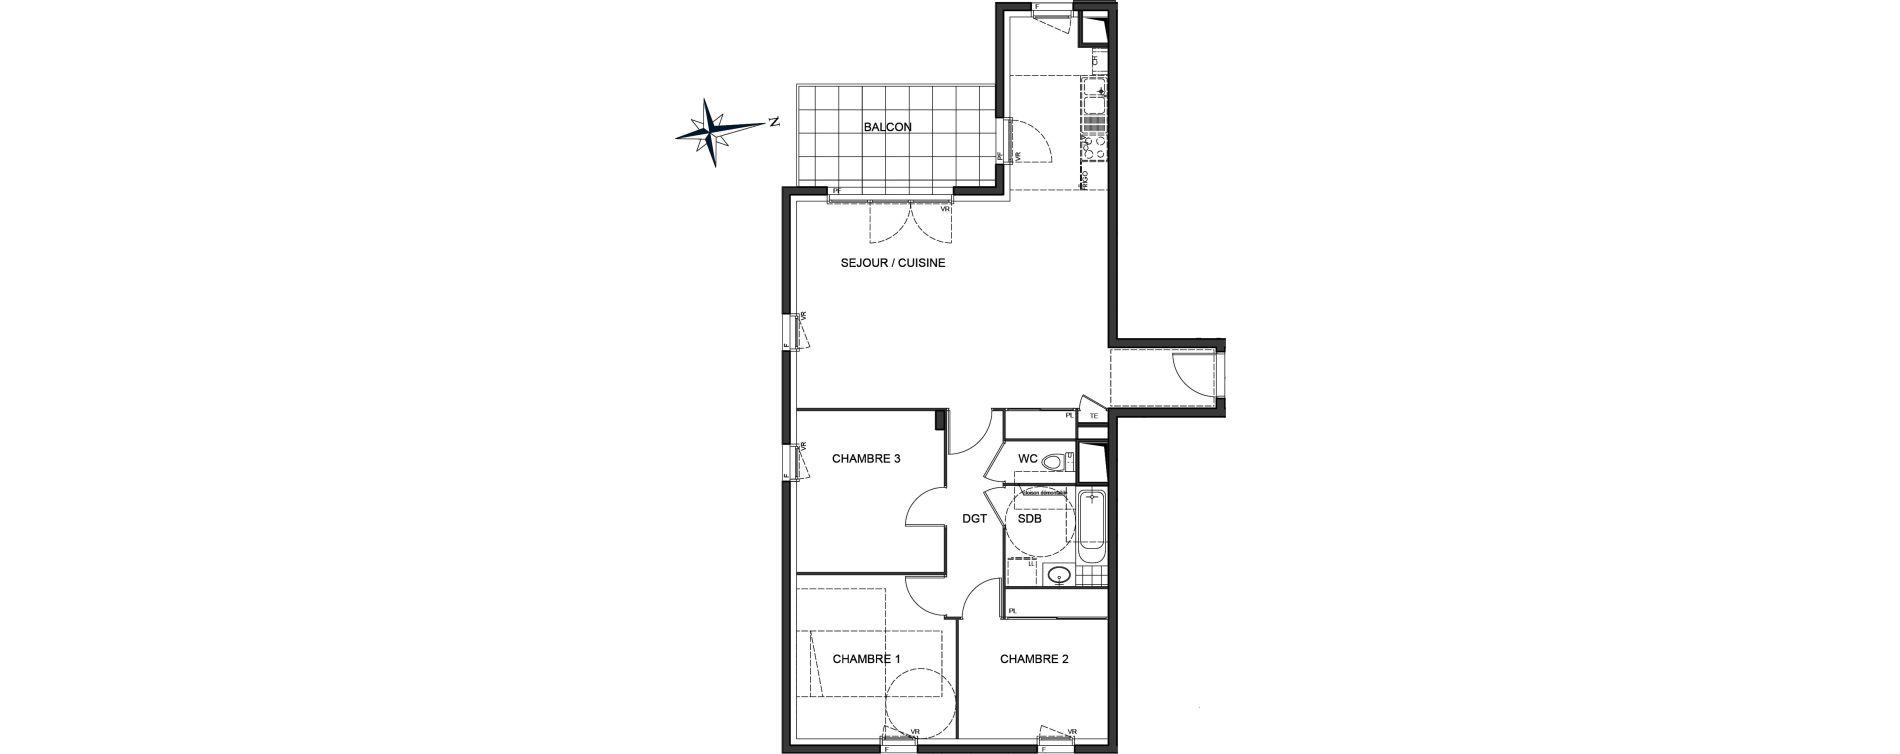 Appartement T4 de 84,41 m2 à Vaulx-En-Velin Centre